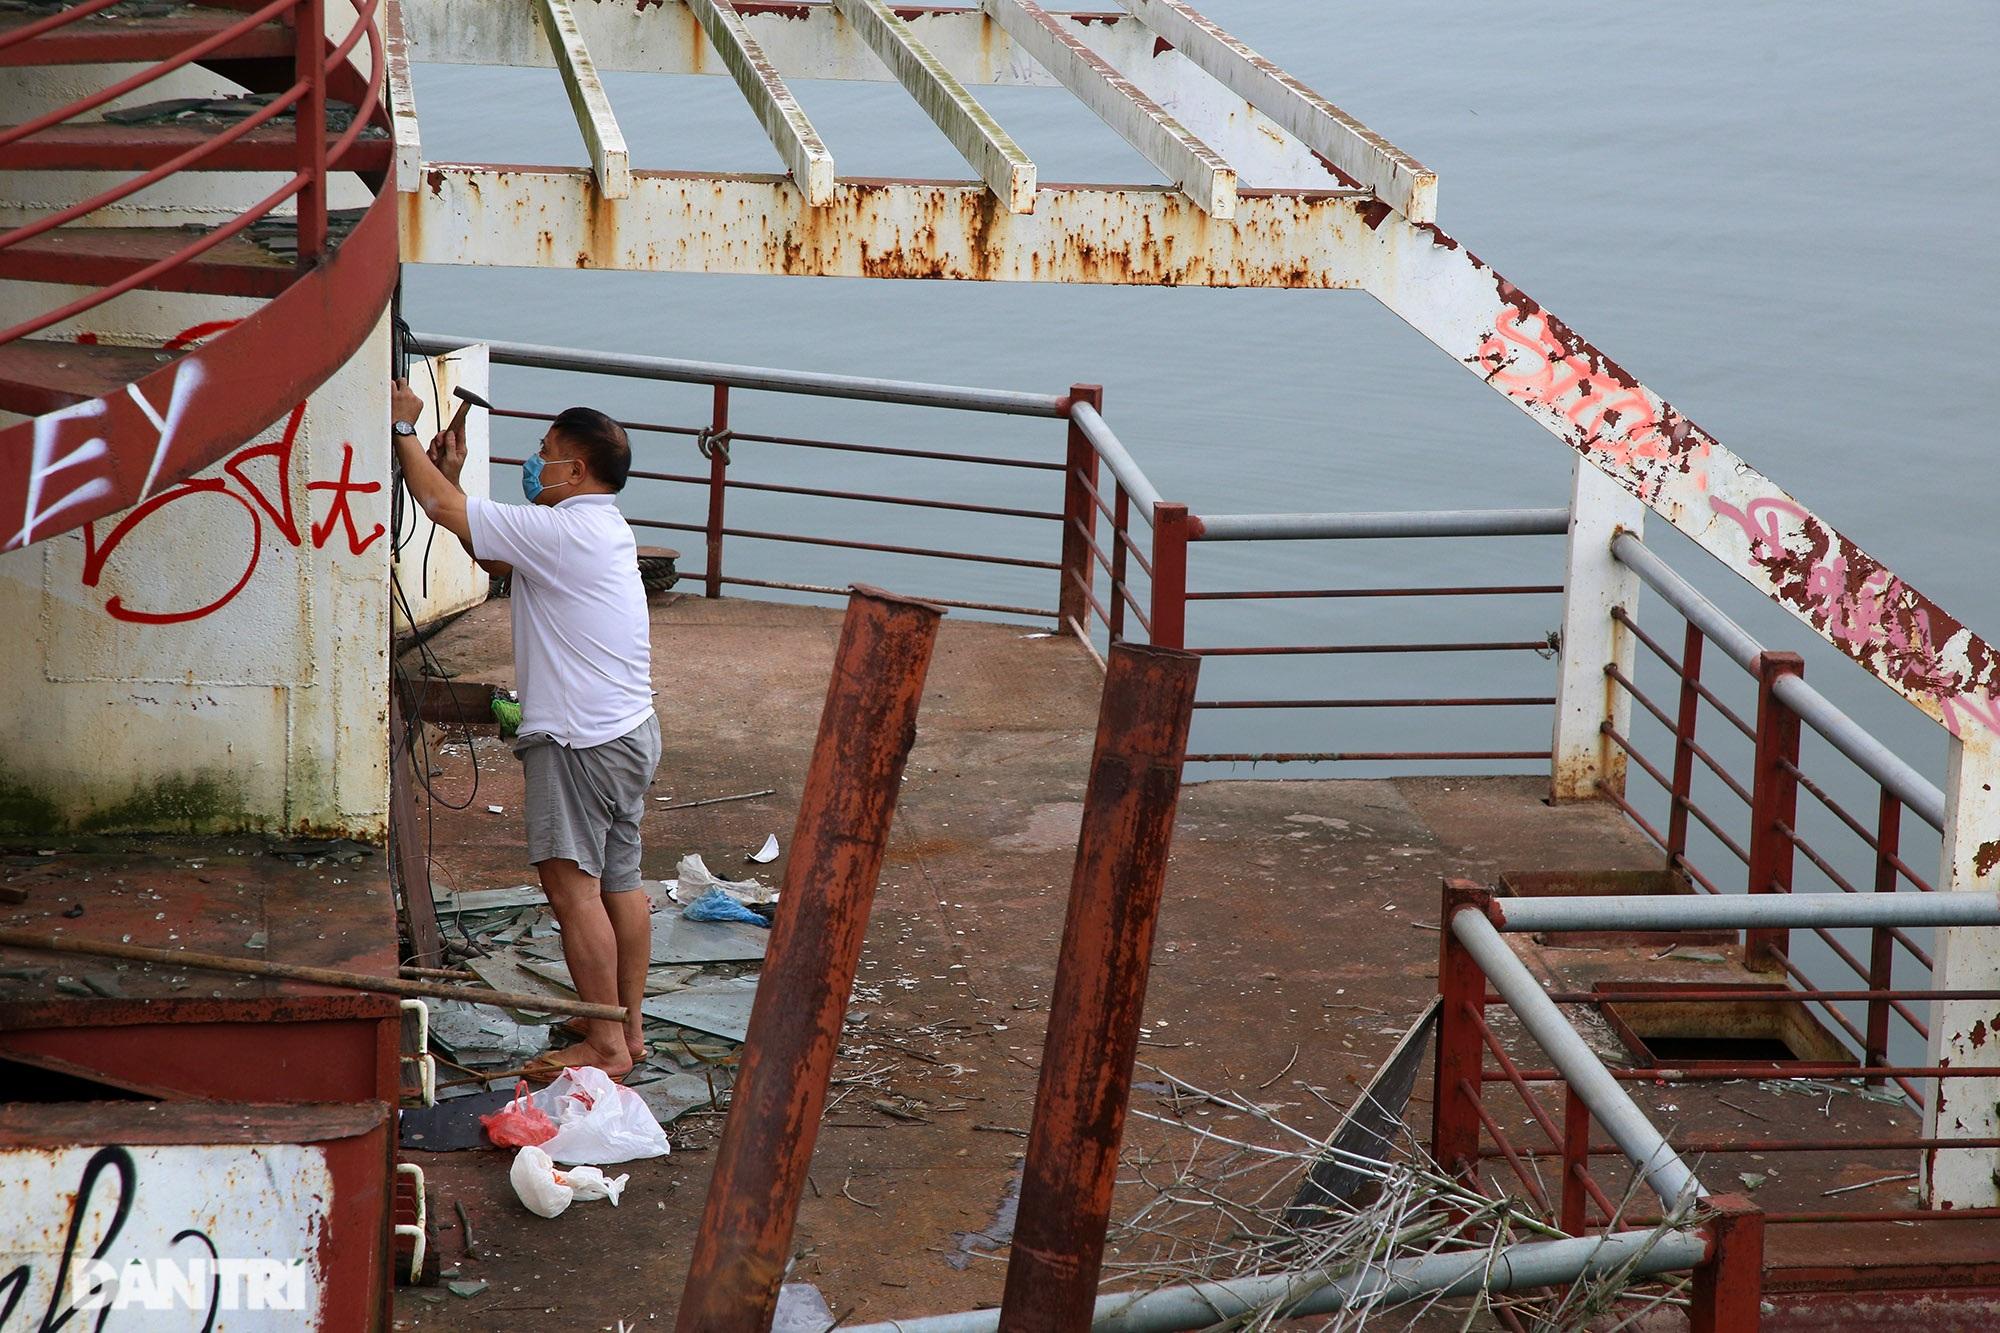 Xác tàu hoen gỉ nổi trên hồ Tây suốt 4 năm qua không được tháo dỡ - 4